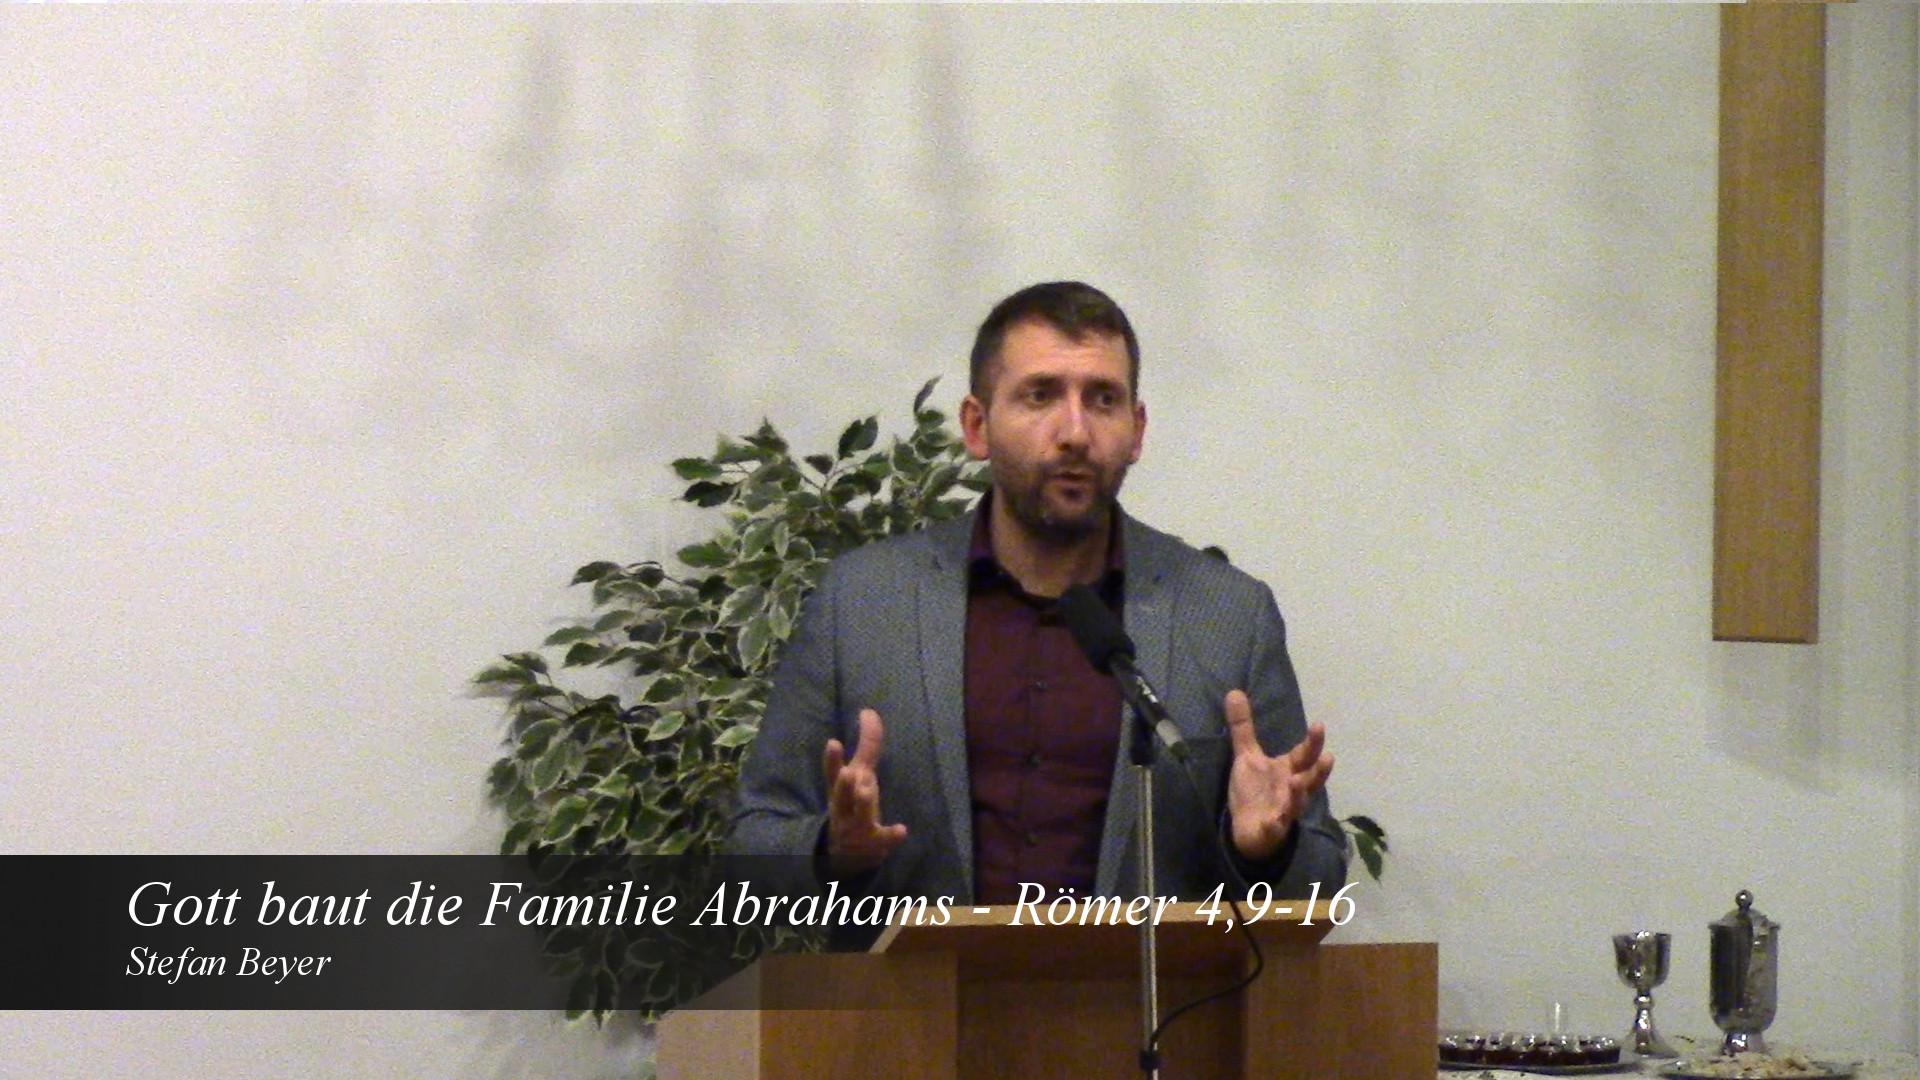 Gott baut die Familie Abrahams